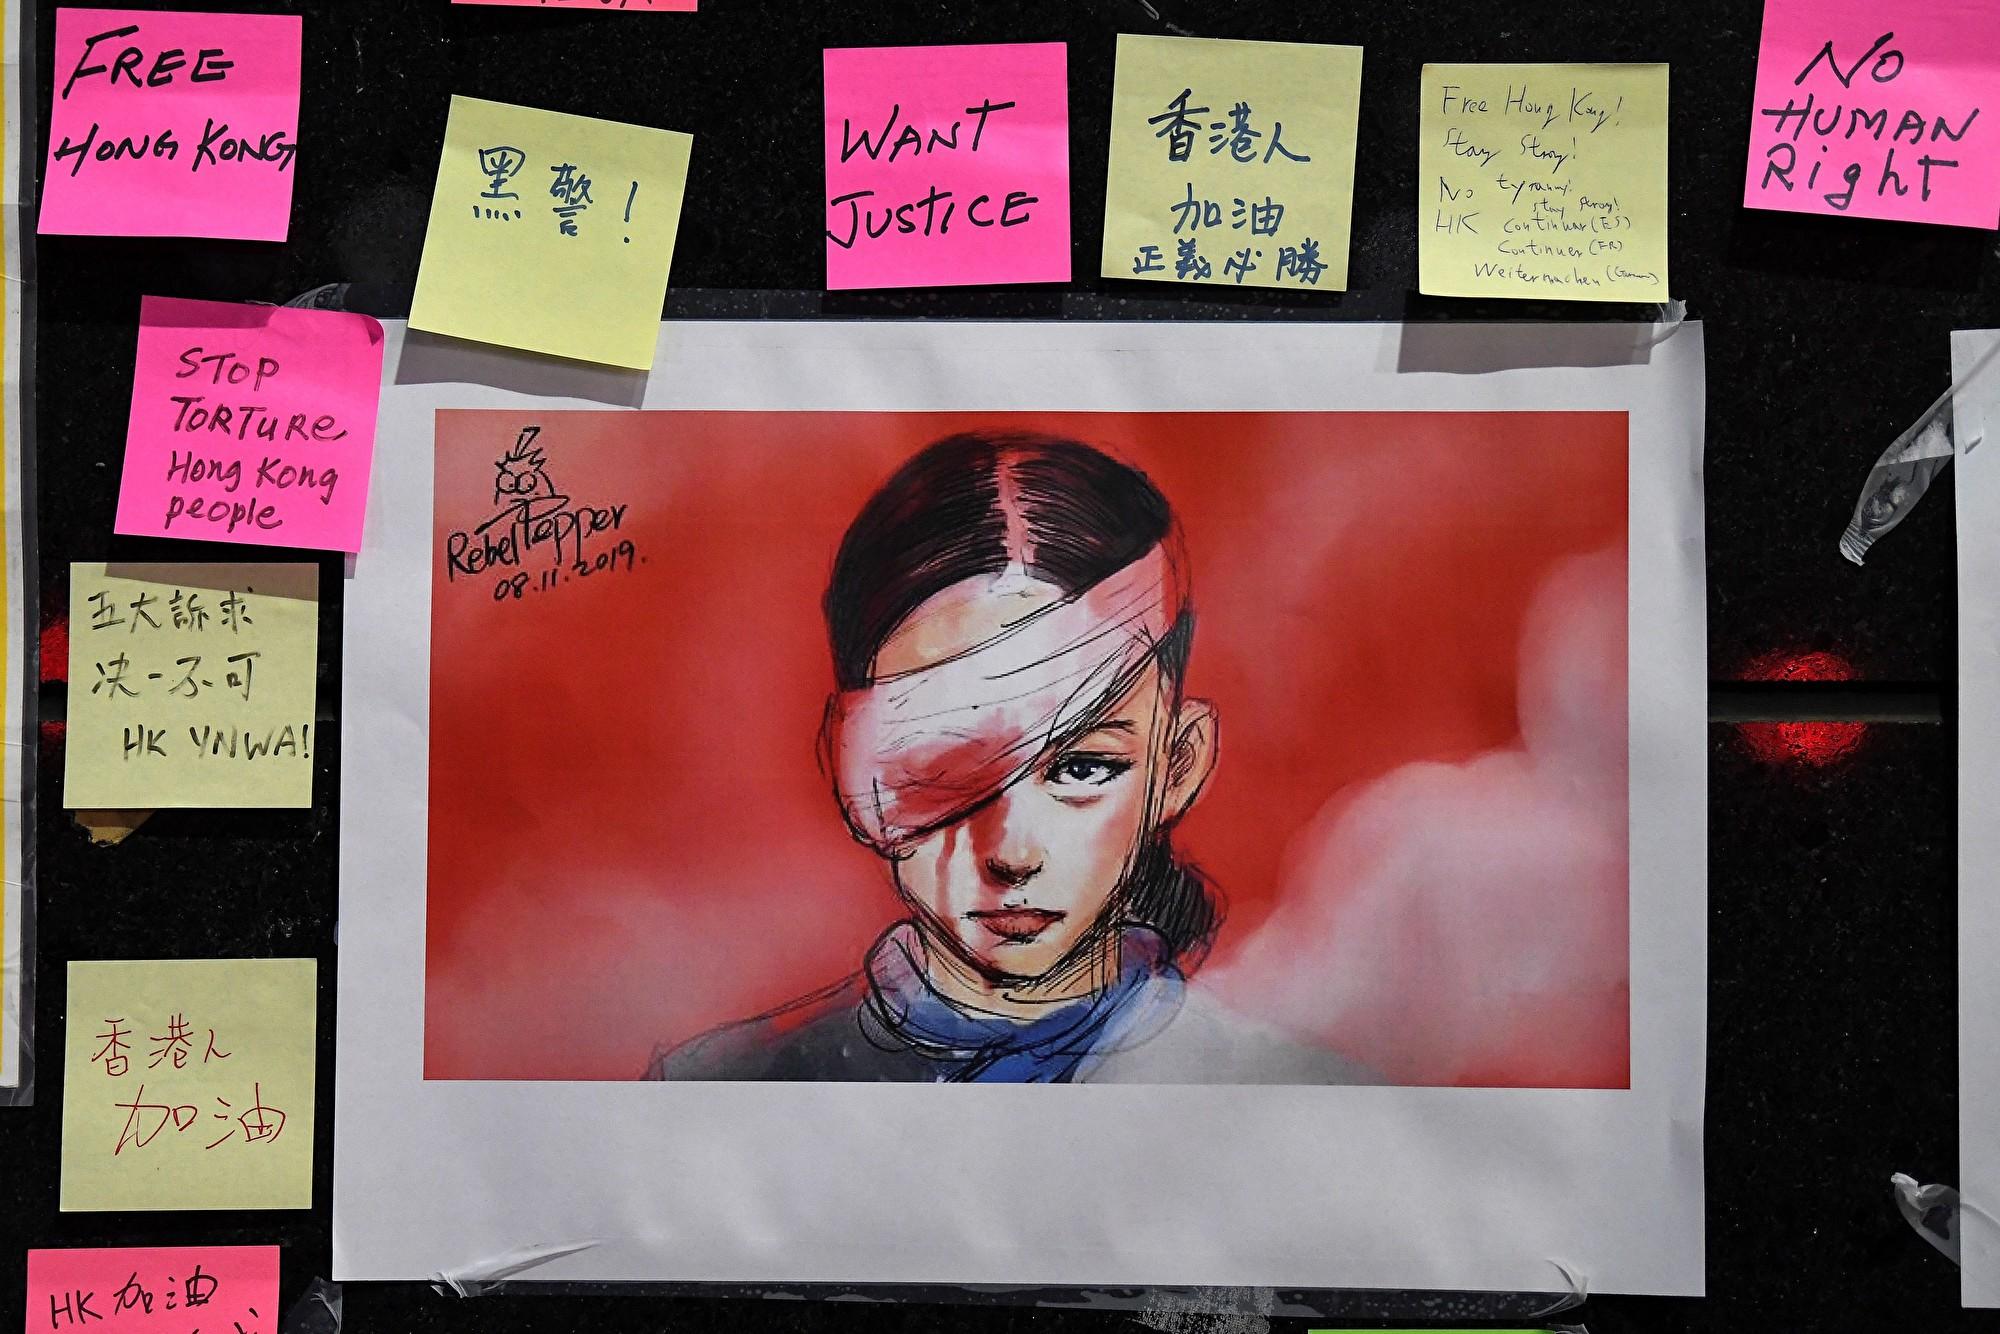 諷刺中共暴政 漫畫家獲奧斯卡中國人權獎